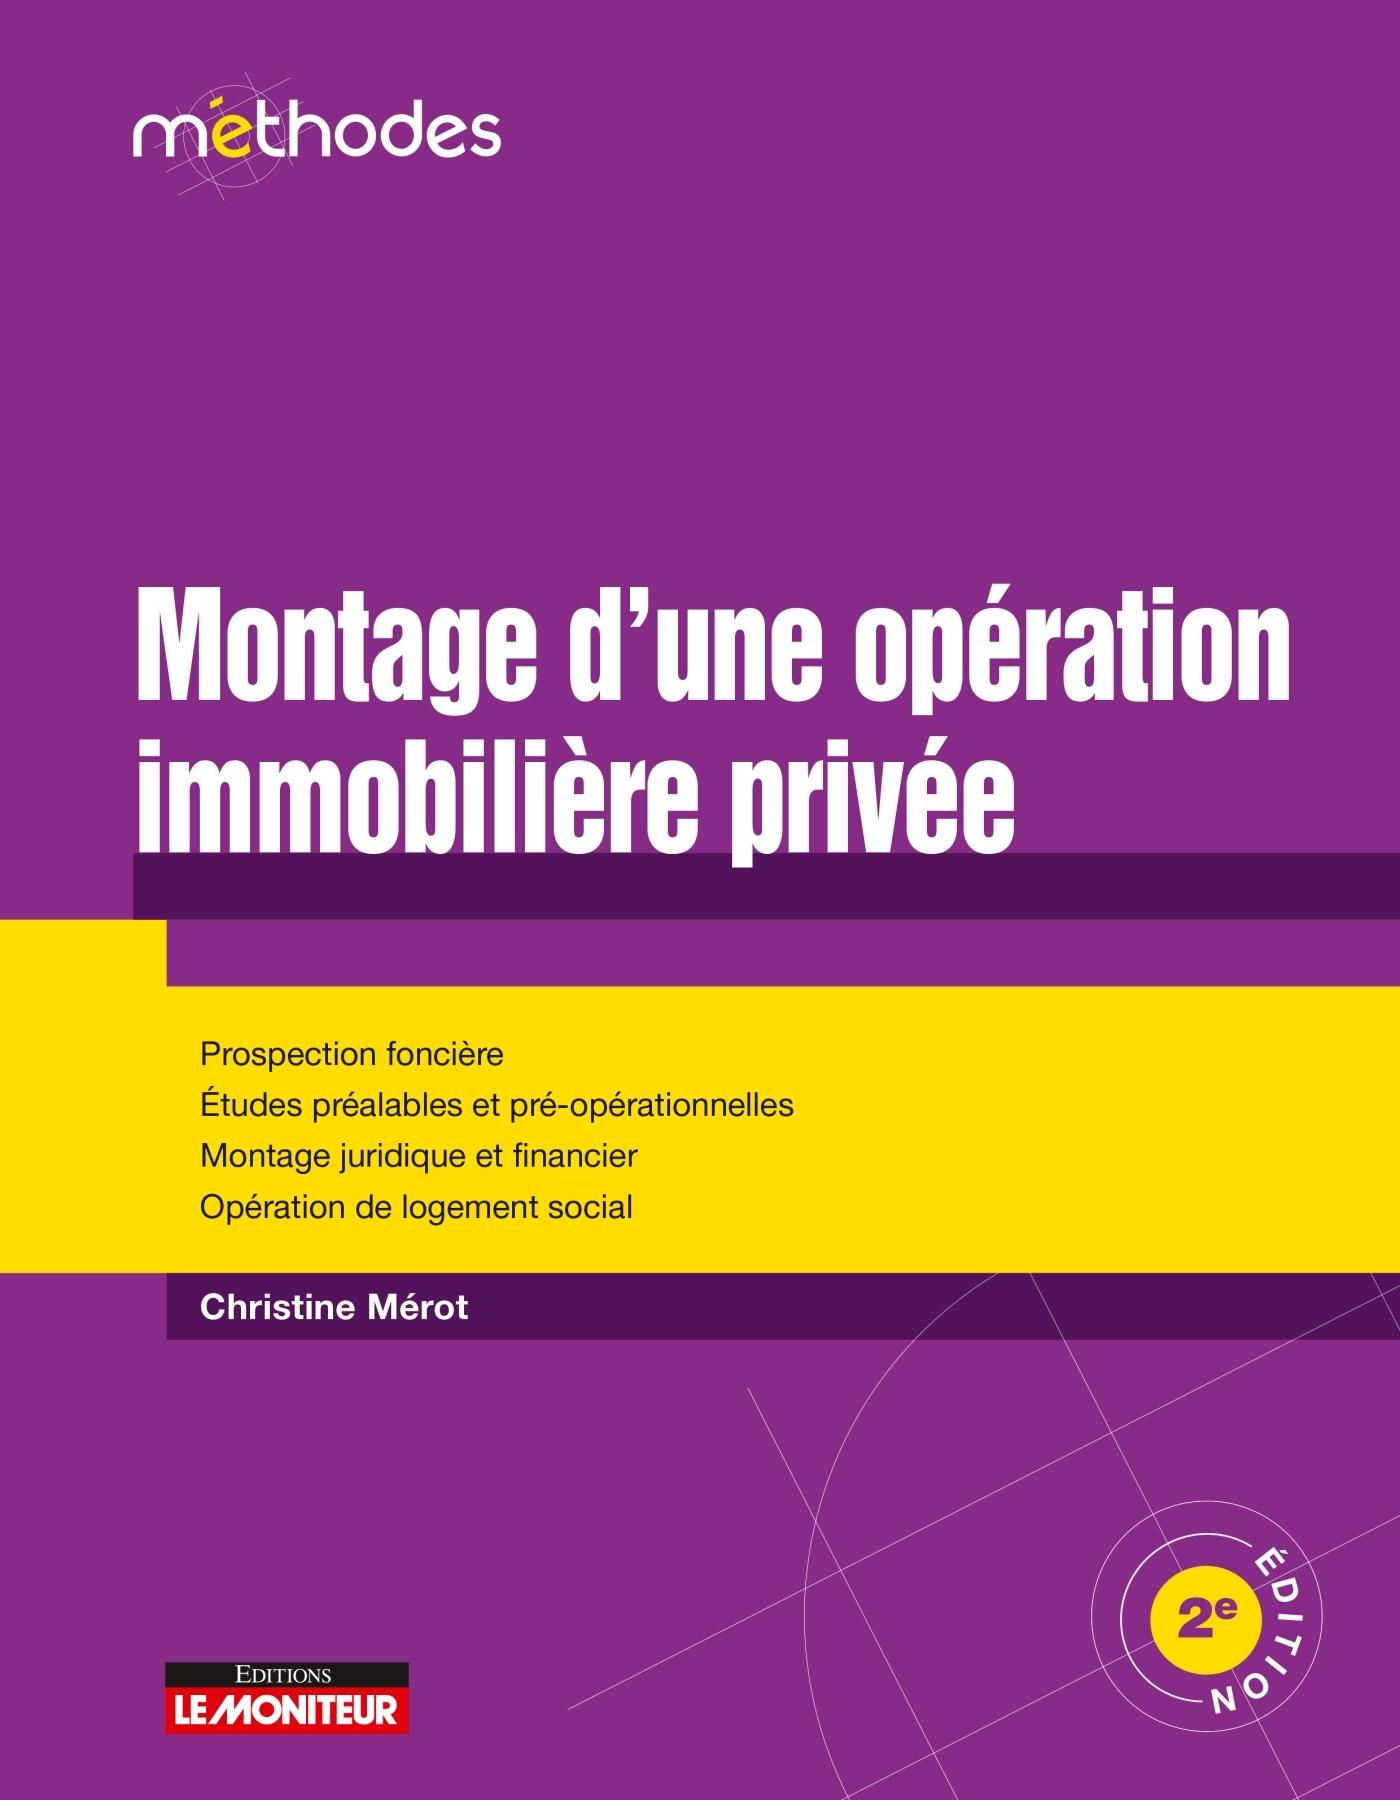 MONTAGE D'UNE OPERATION IMMOBILIERE PRIVEE - PROSPECTION FONCIERE - ETUDES PREALABLES ET PRE-OPERATI